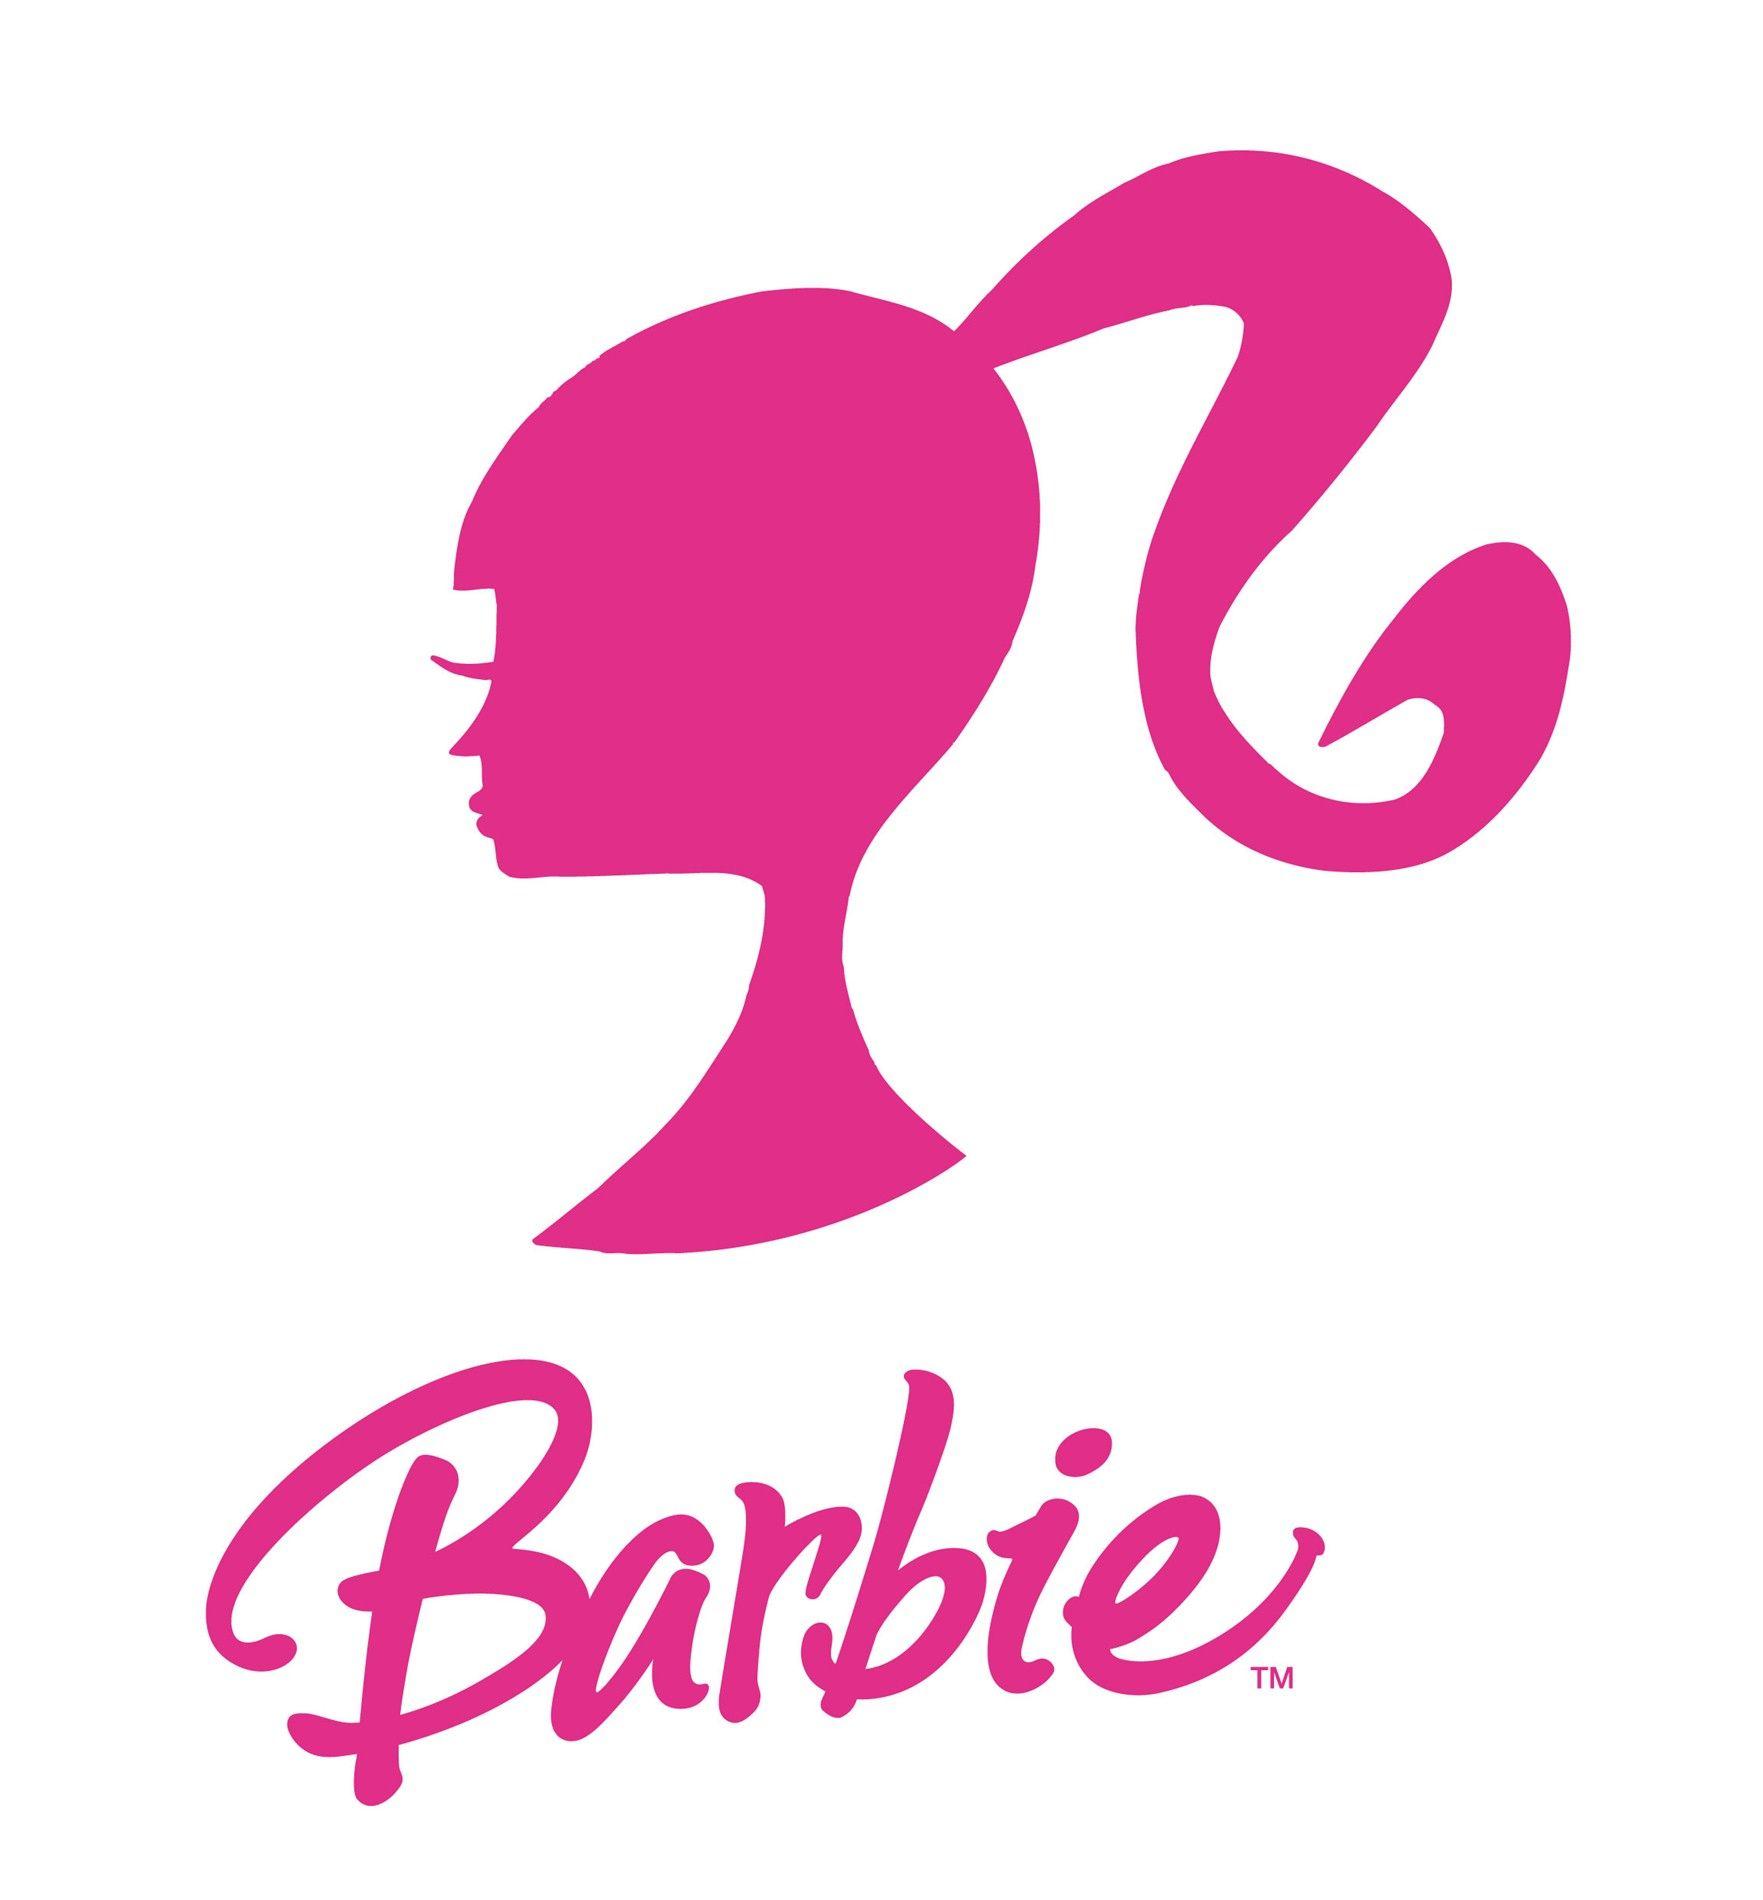 Barbie Logo Barbie Logo Logo In World Imagens Da Barbie Tatuagem Da Barbie Barbie